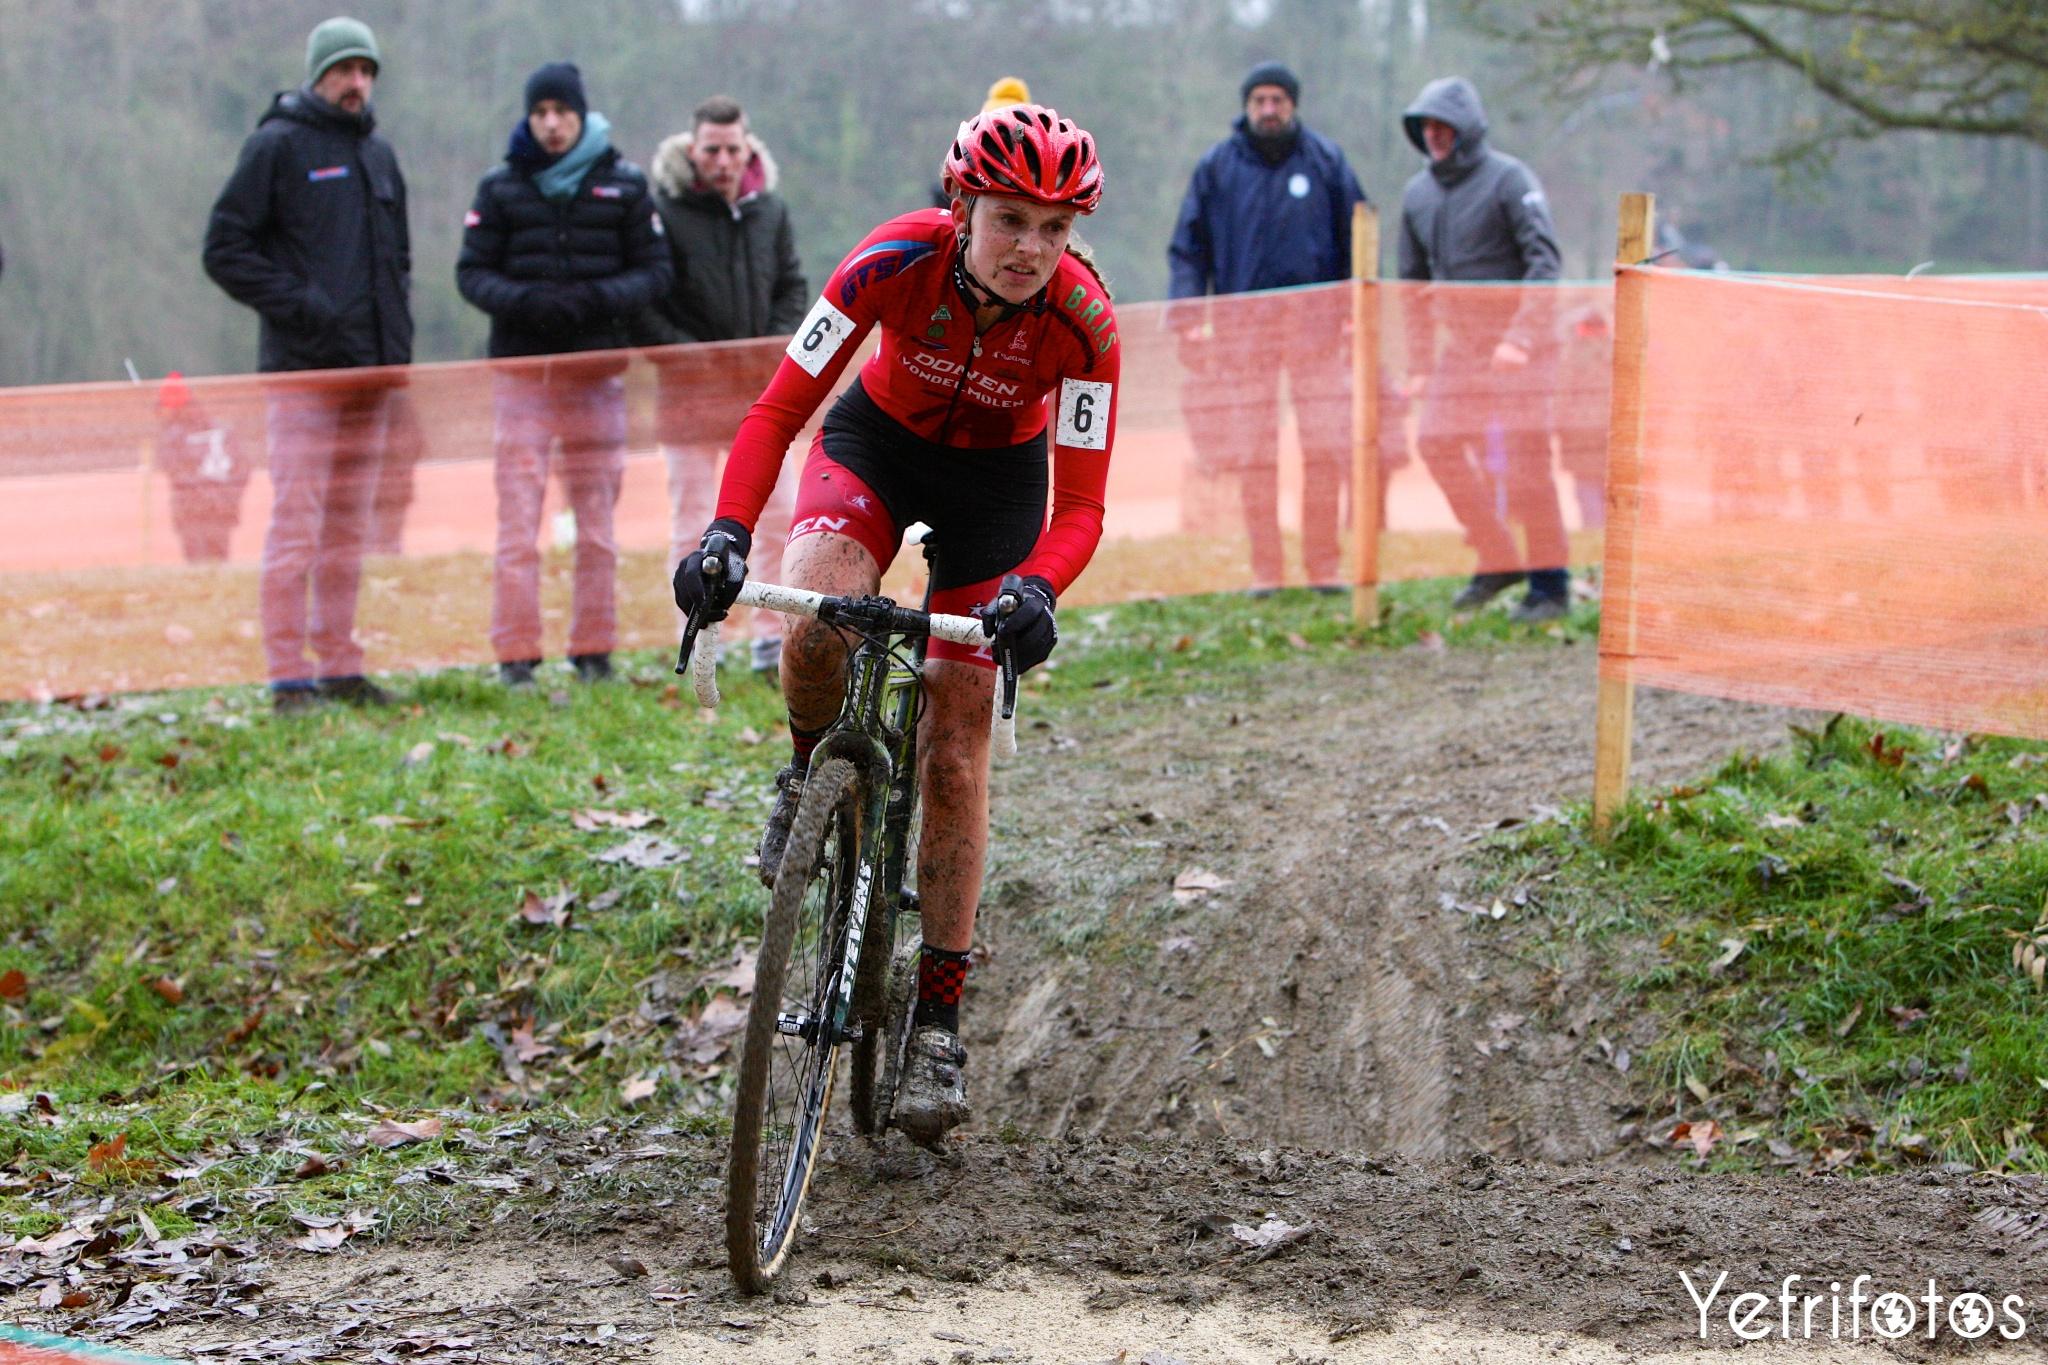 Karen Verhestraeten - Donen Vondelmolen CX Team - Coupe de France Cyclocross Jablines